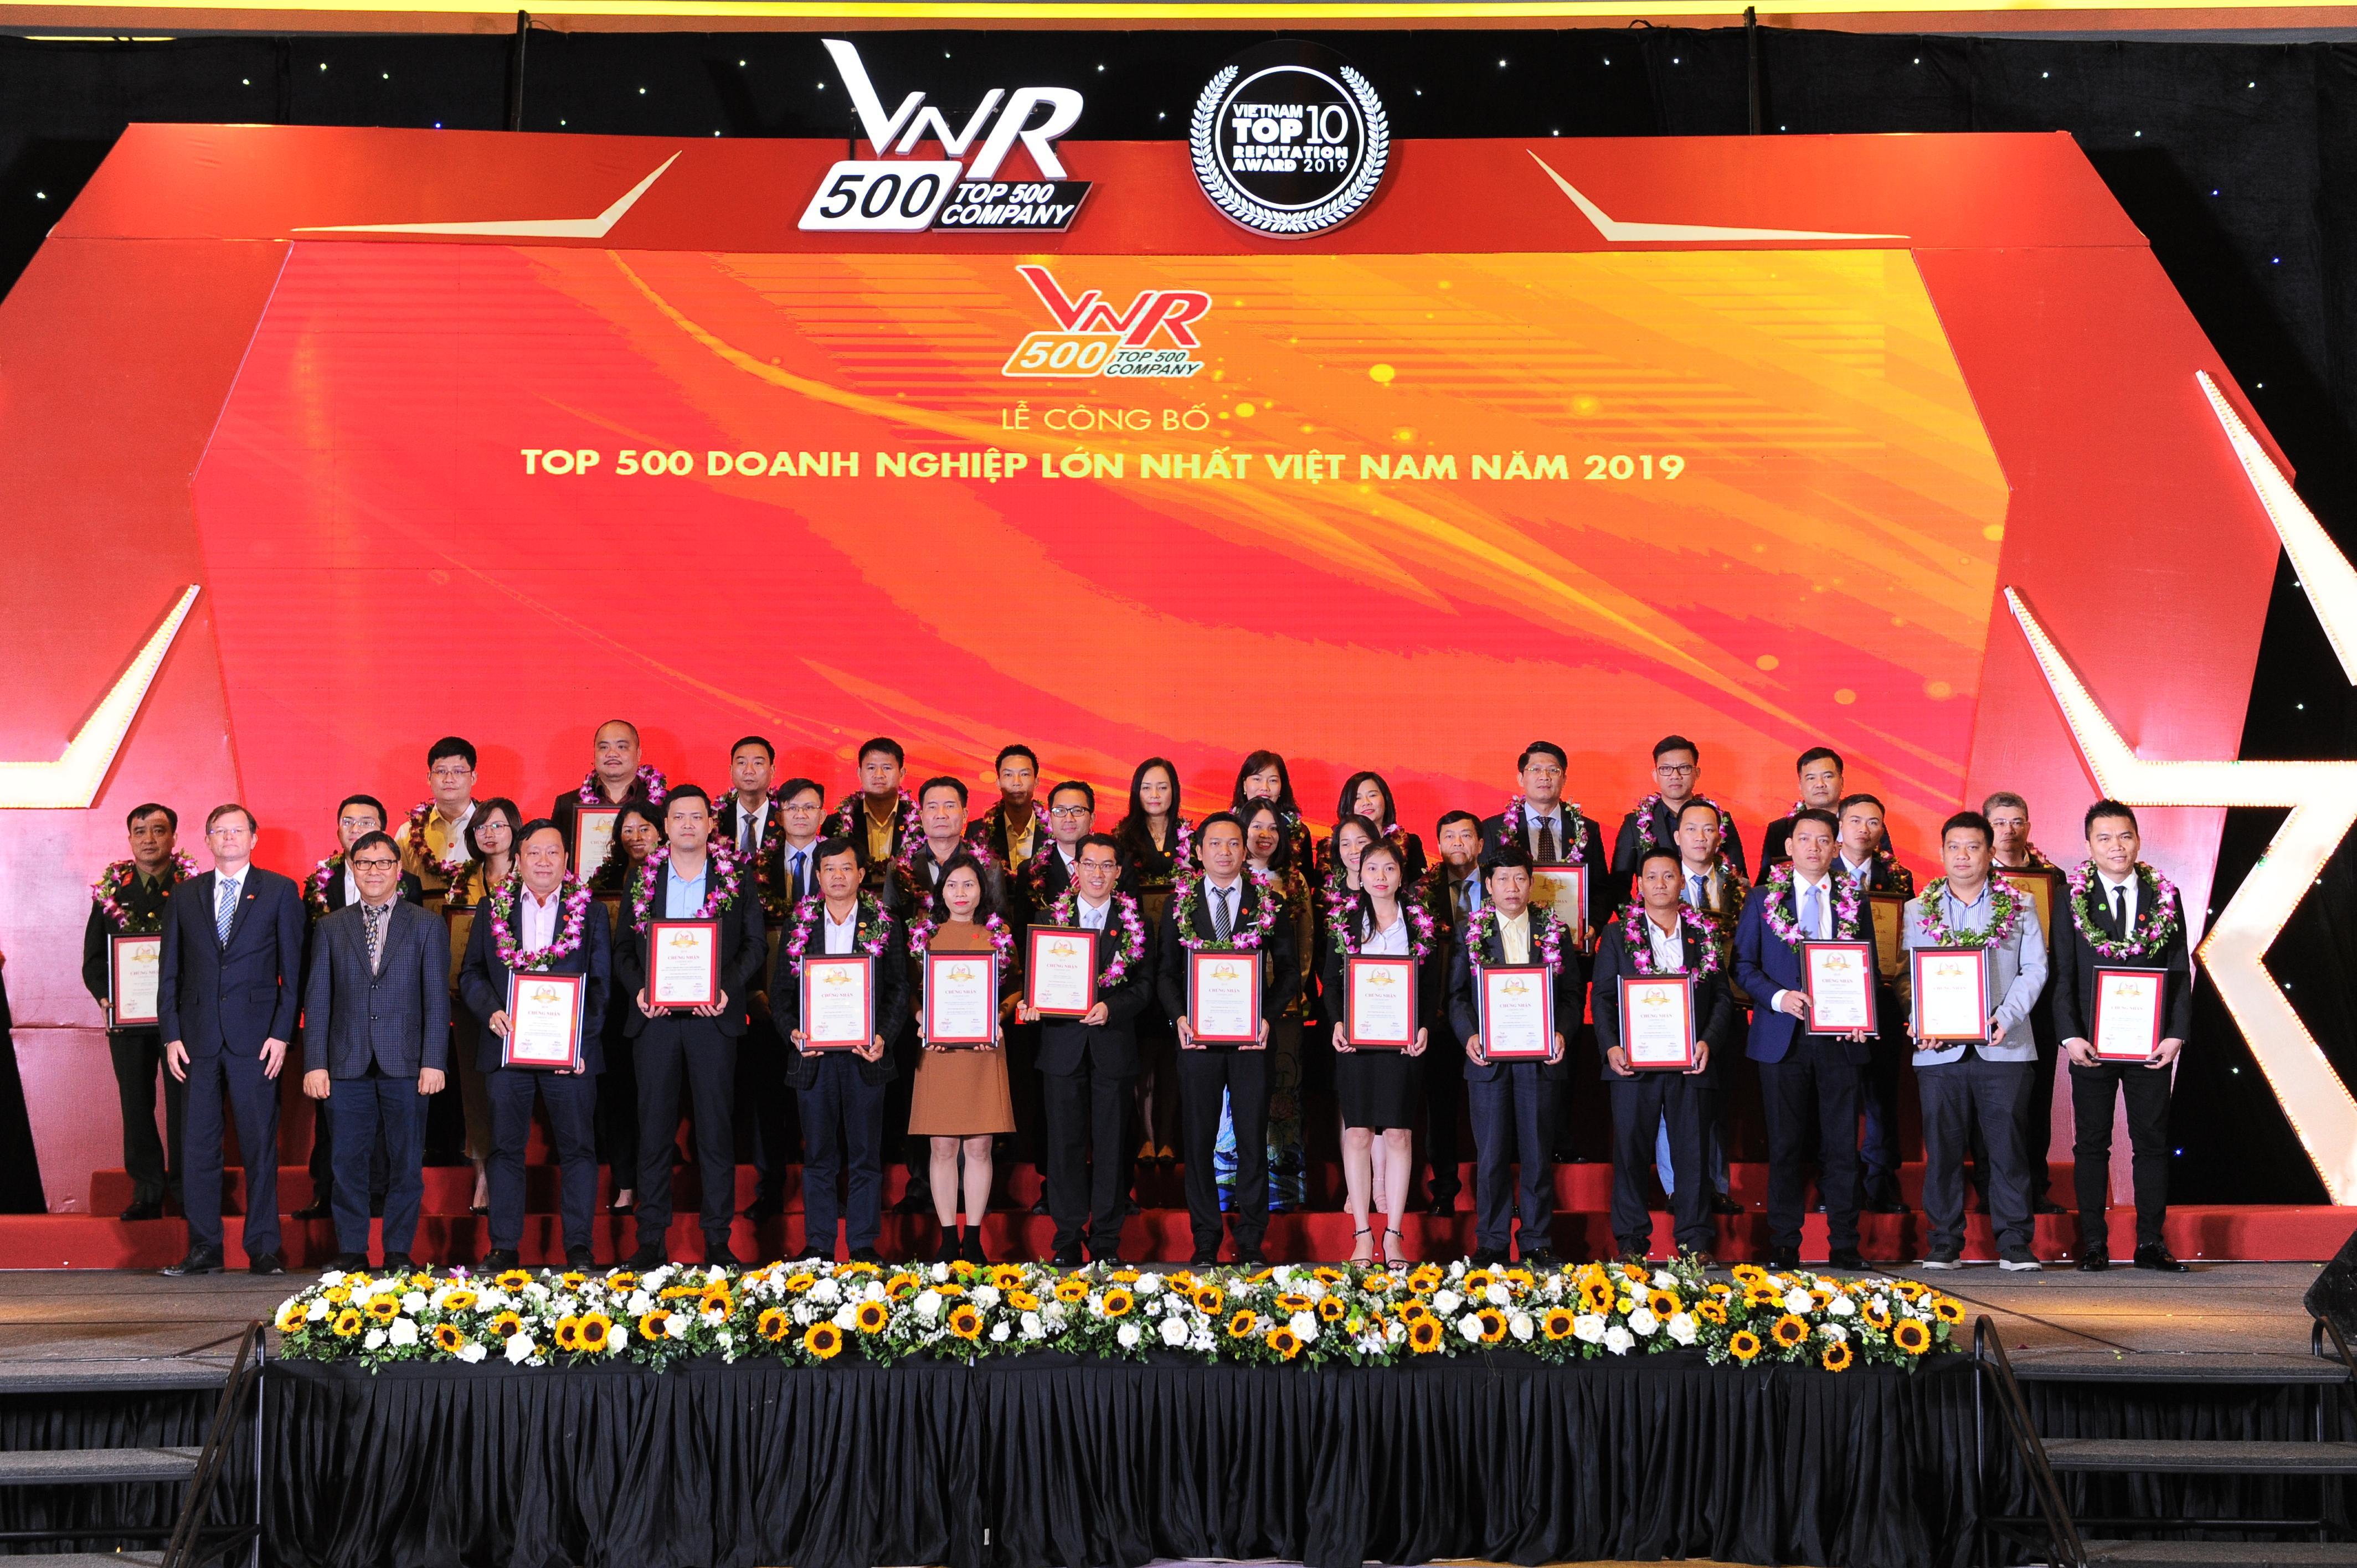 CADI-SUN nâng 31 bậc trong Bảng xếp hạng VNR500